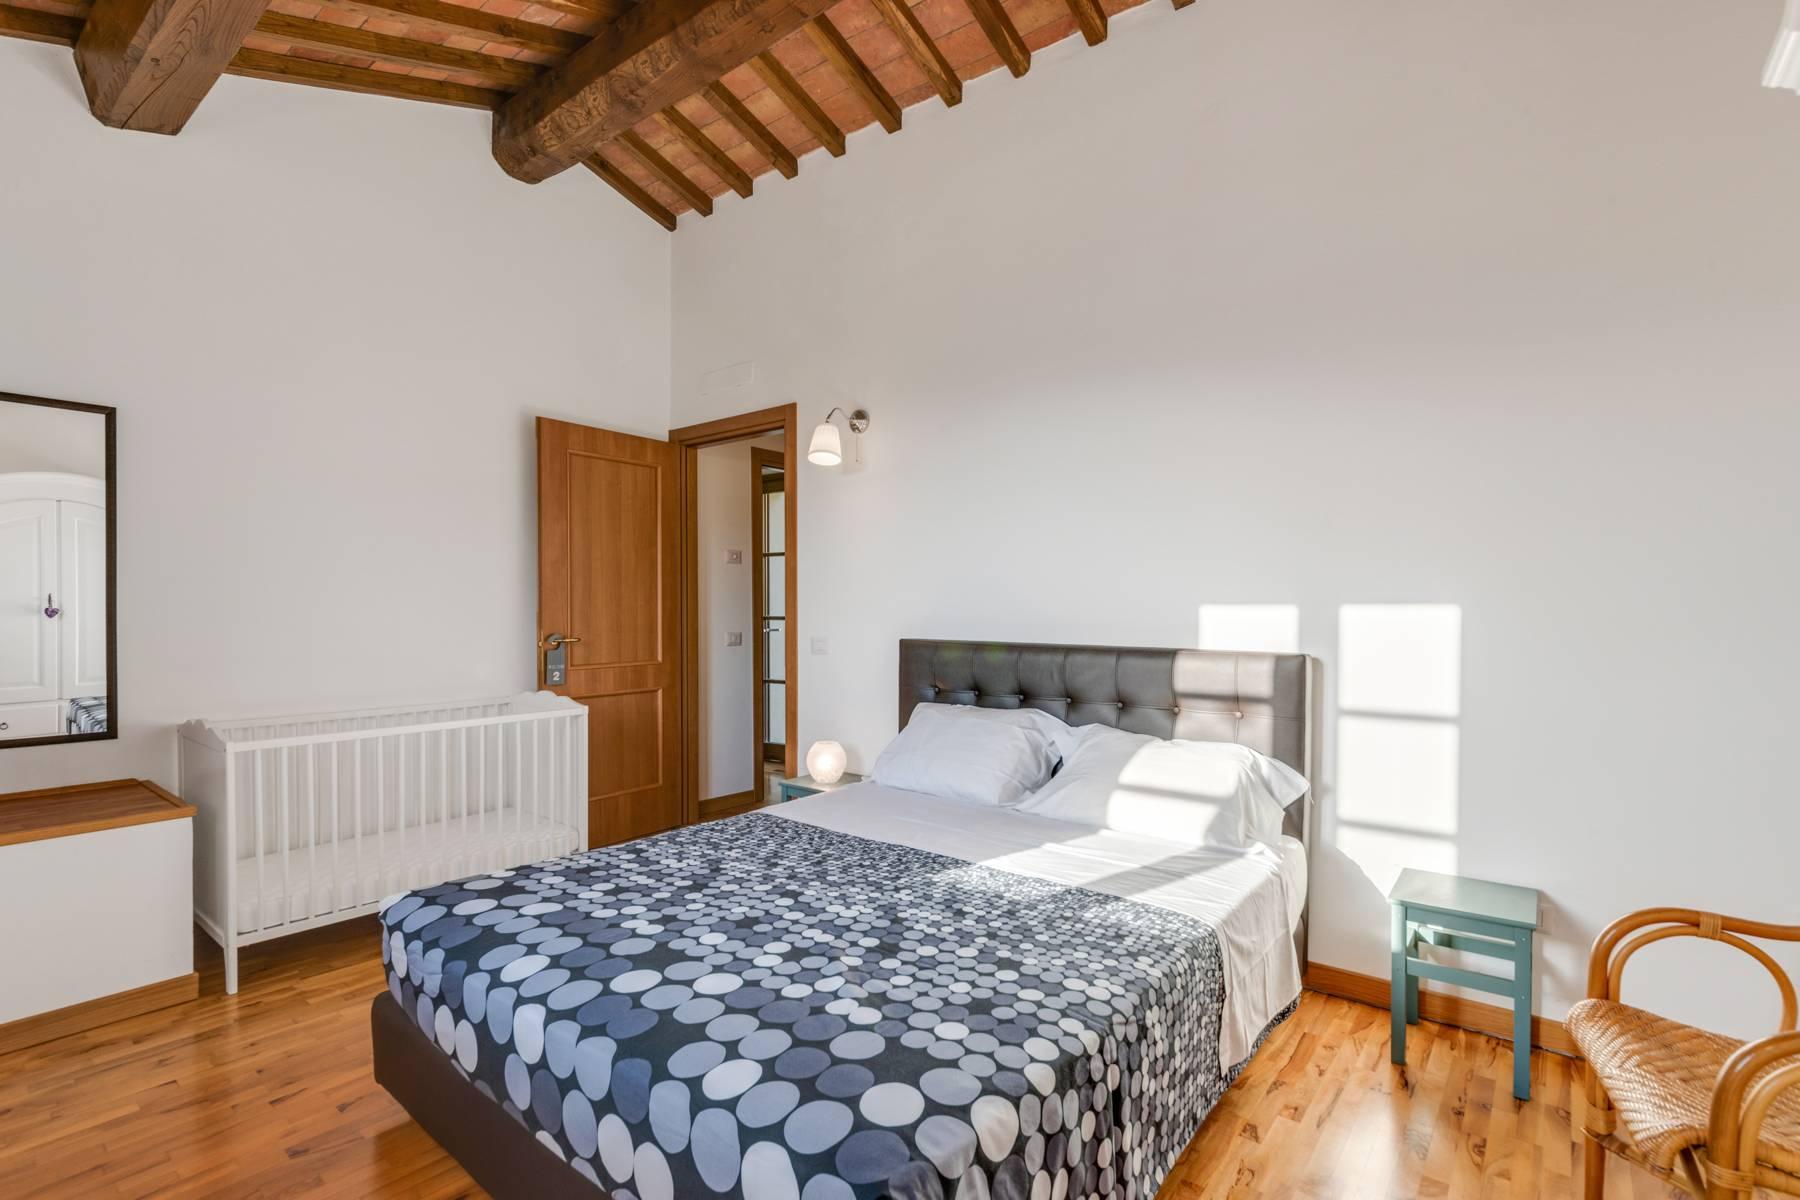 Rustico in Vendita a Monsummano Terme: 5 locali, 380 mq - Foto 10